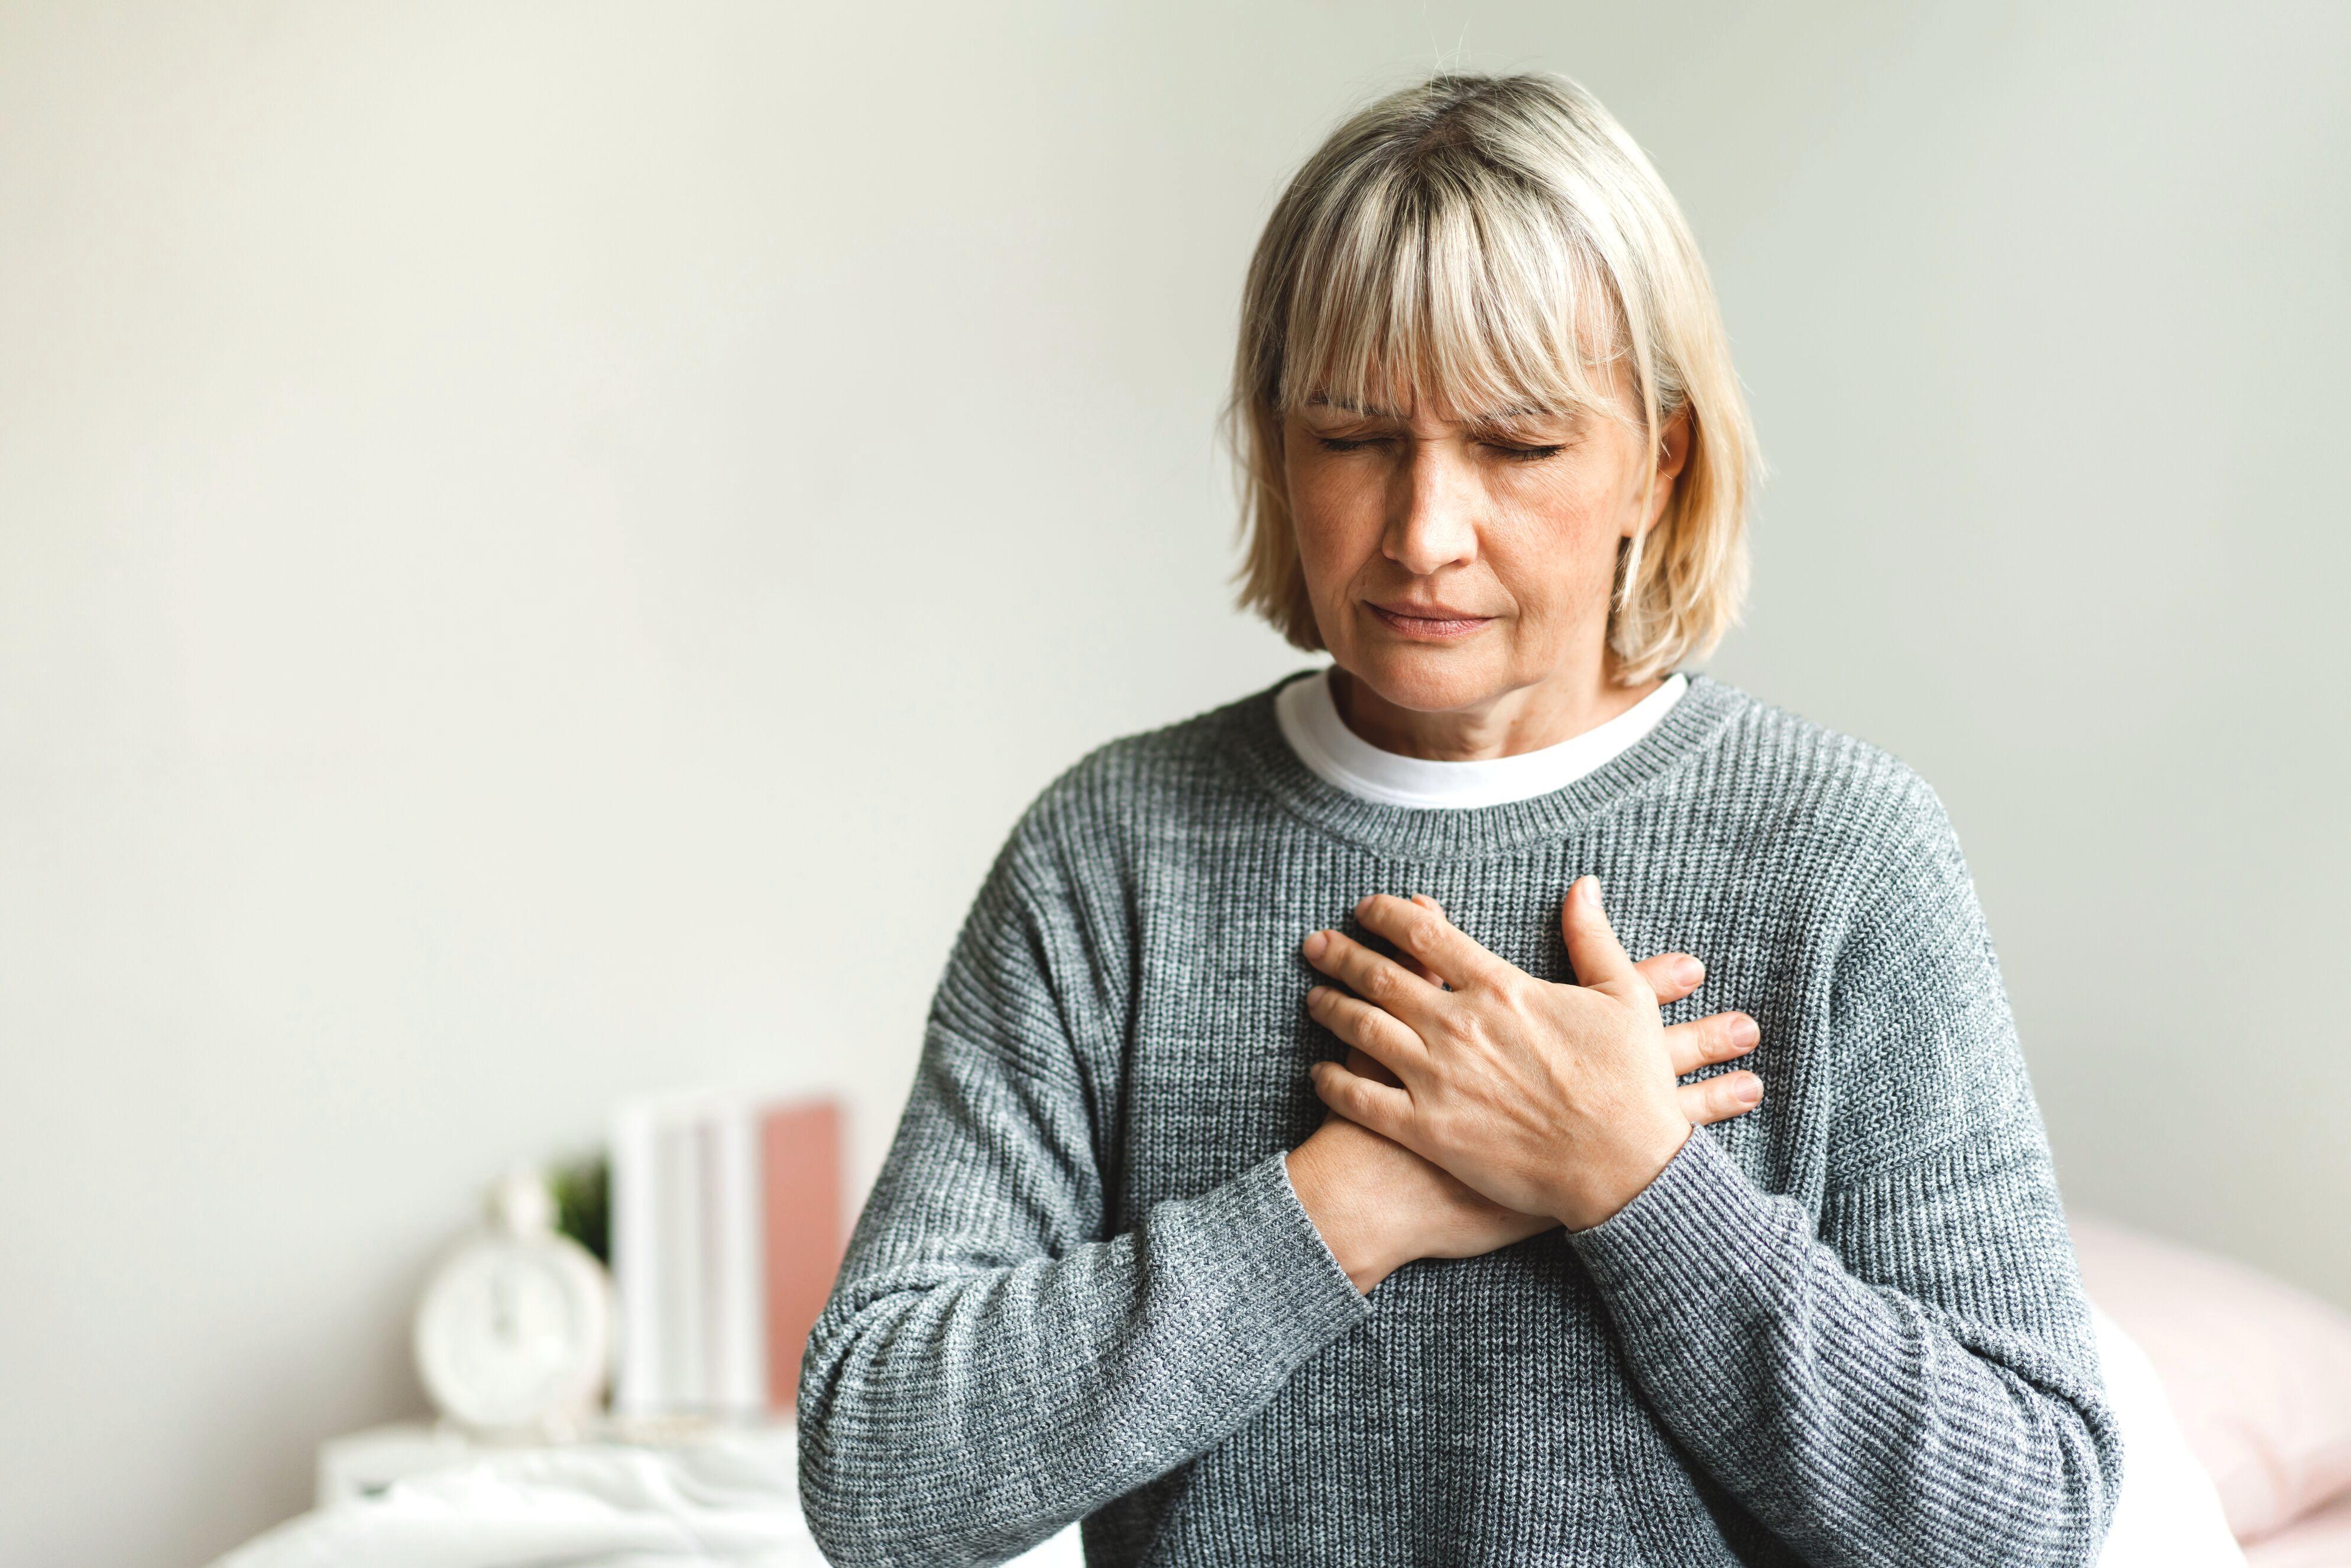 Faites parler votre cœur, sensibilisez vos proches